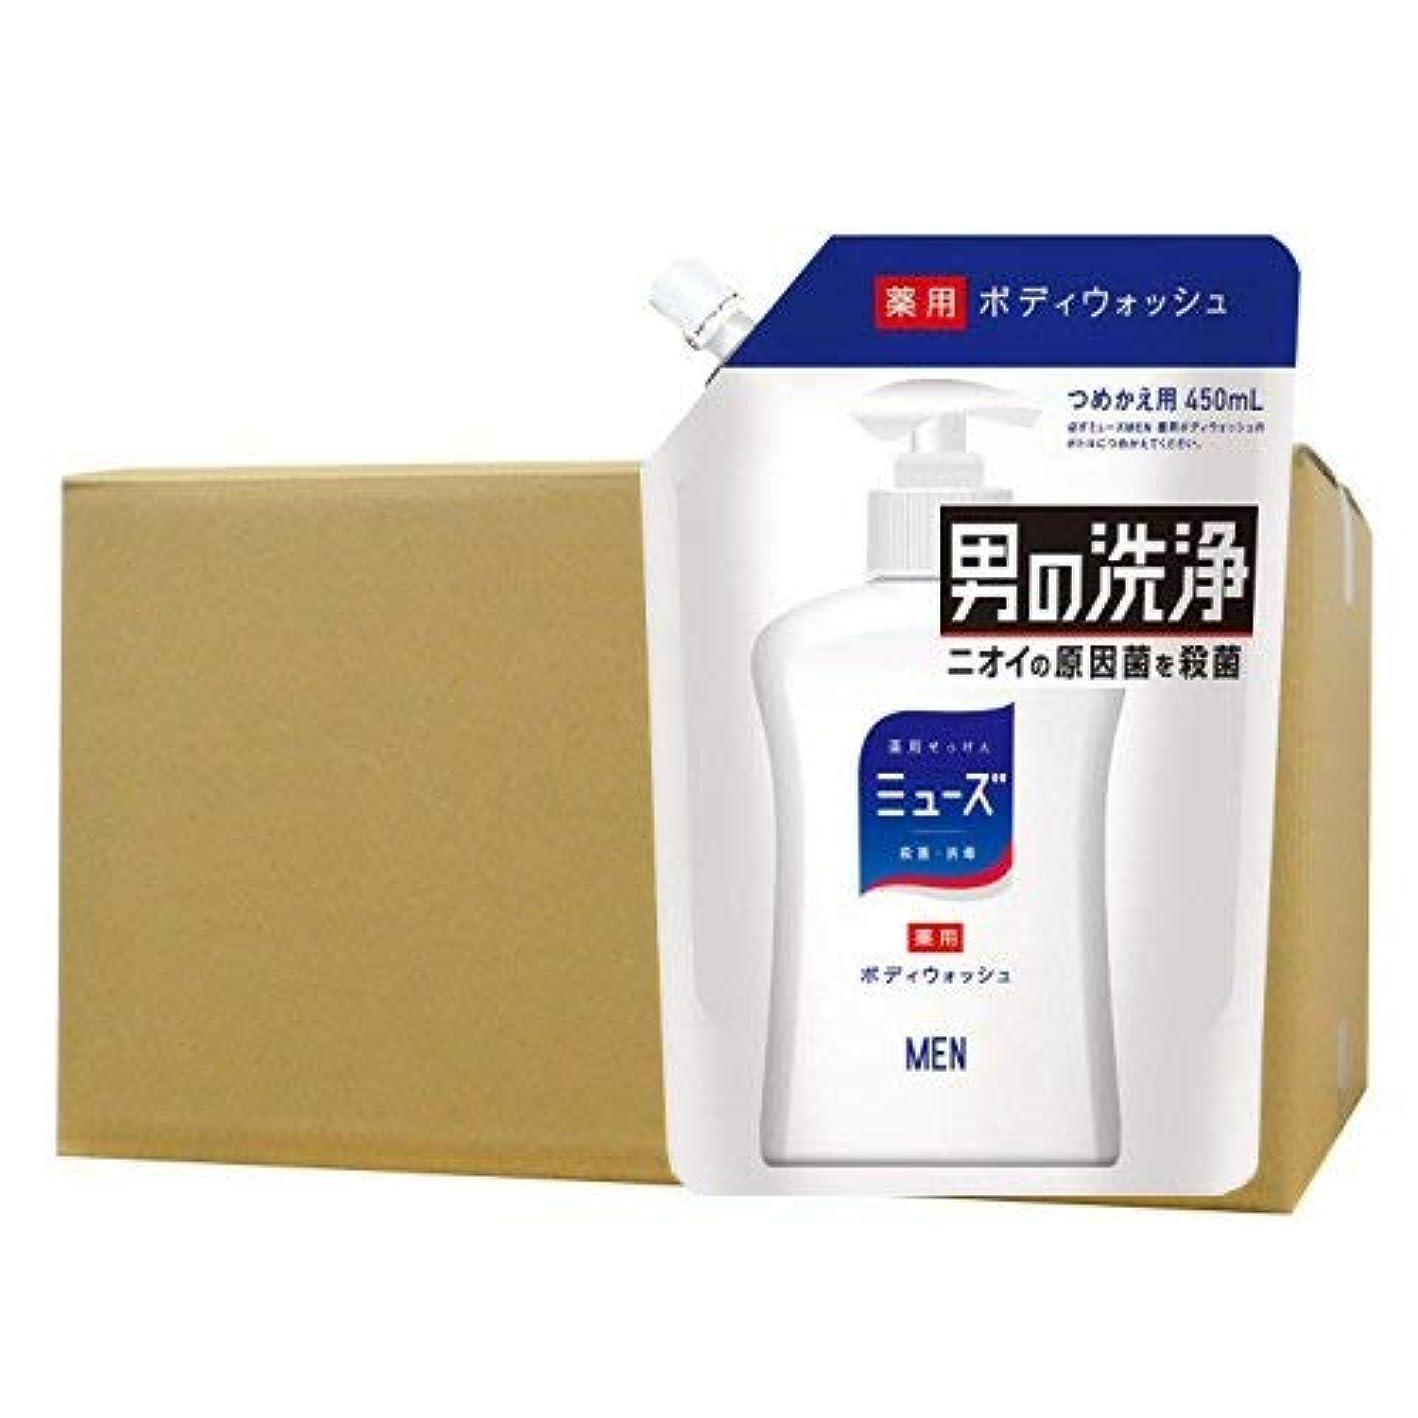 プランター素子有用ミューズメン薬用ボディーウォッシュ 詰替 450ml×16本セット